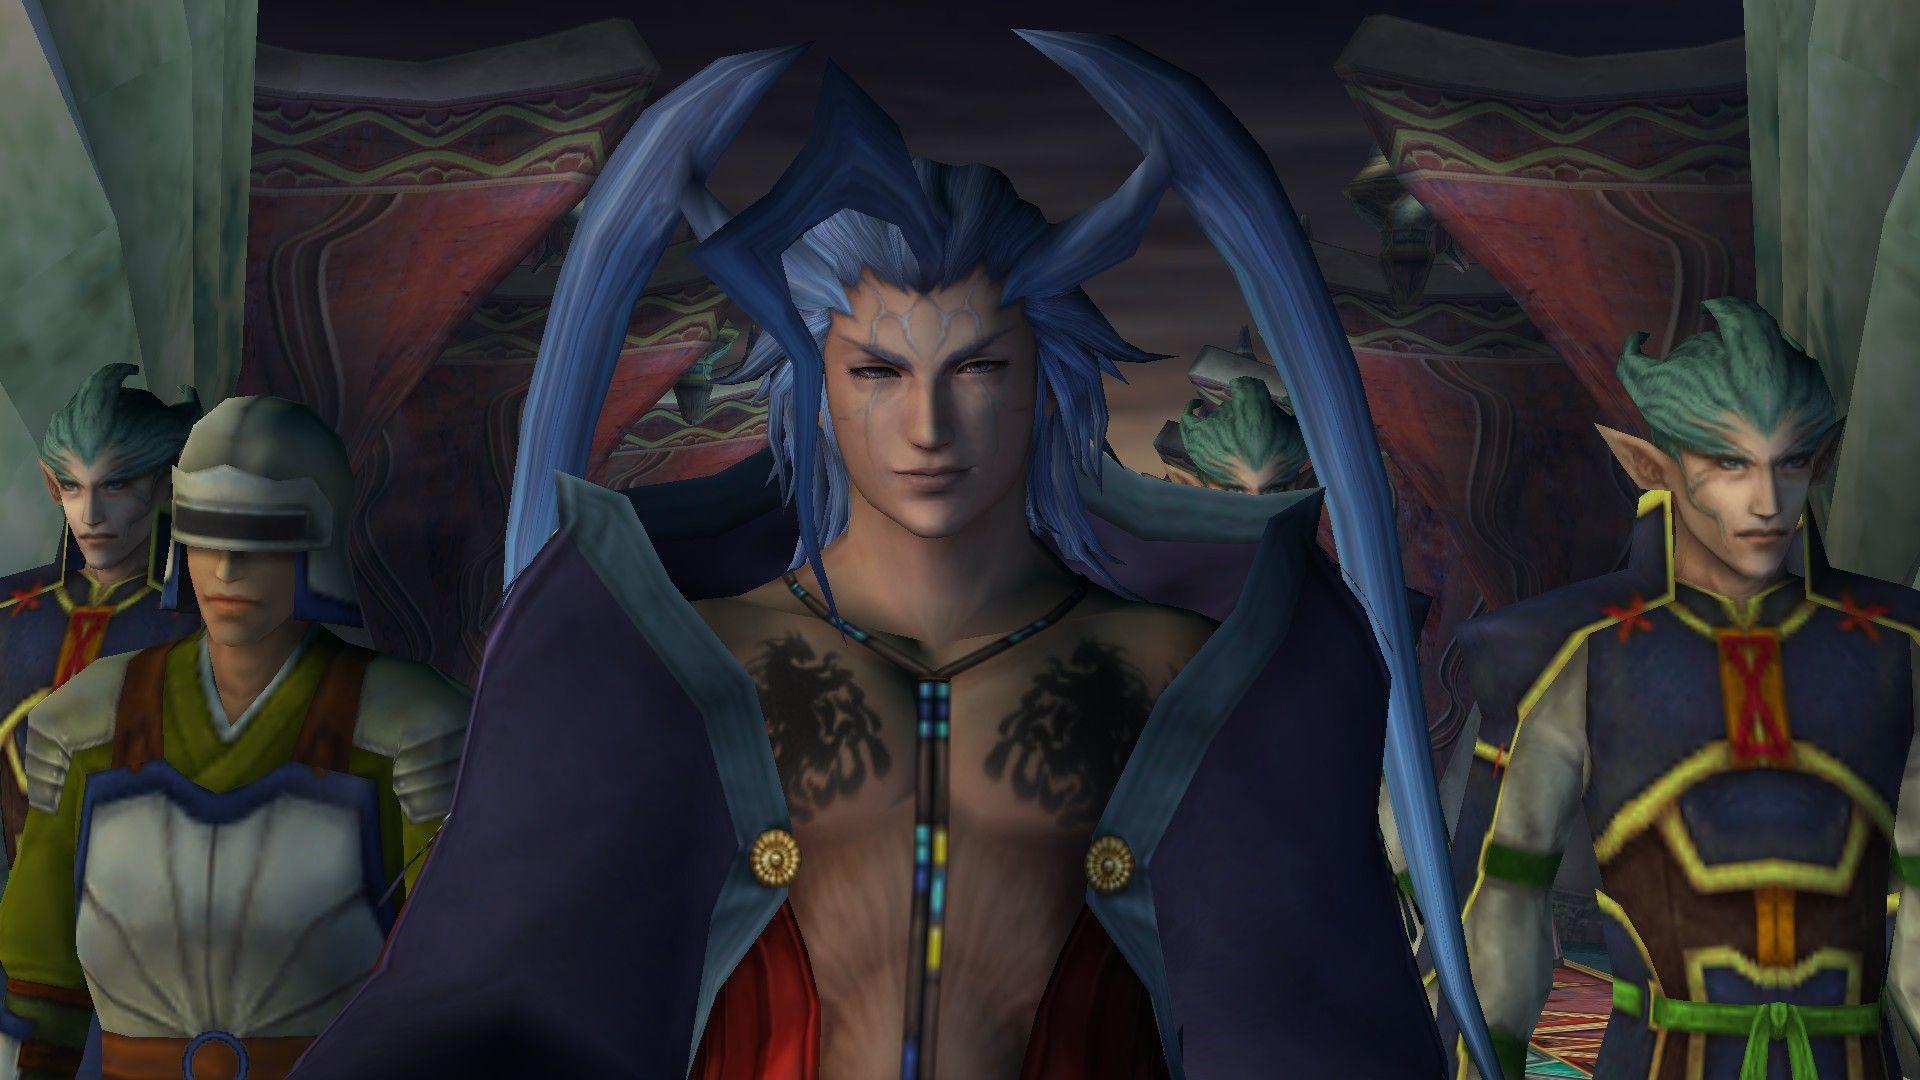 Final Fantasy-Seymour